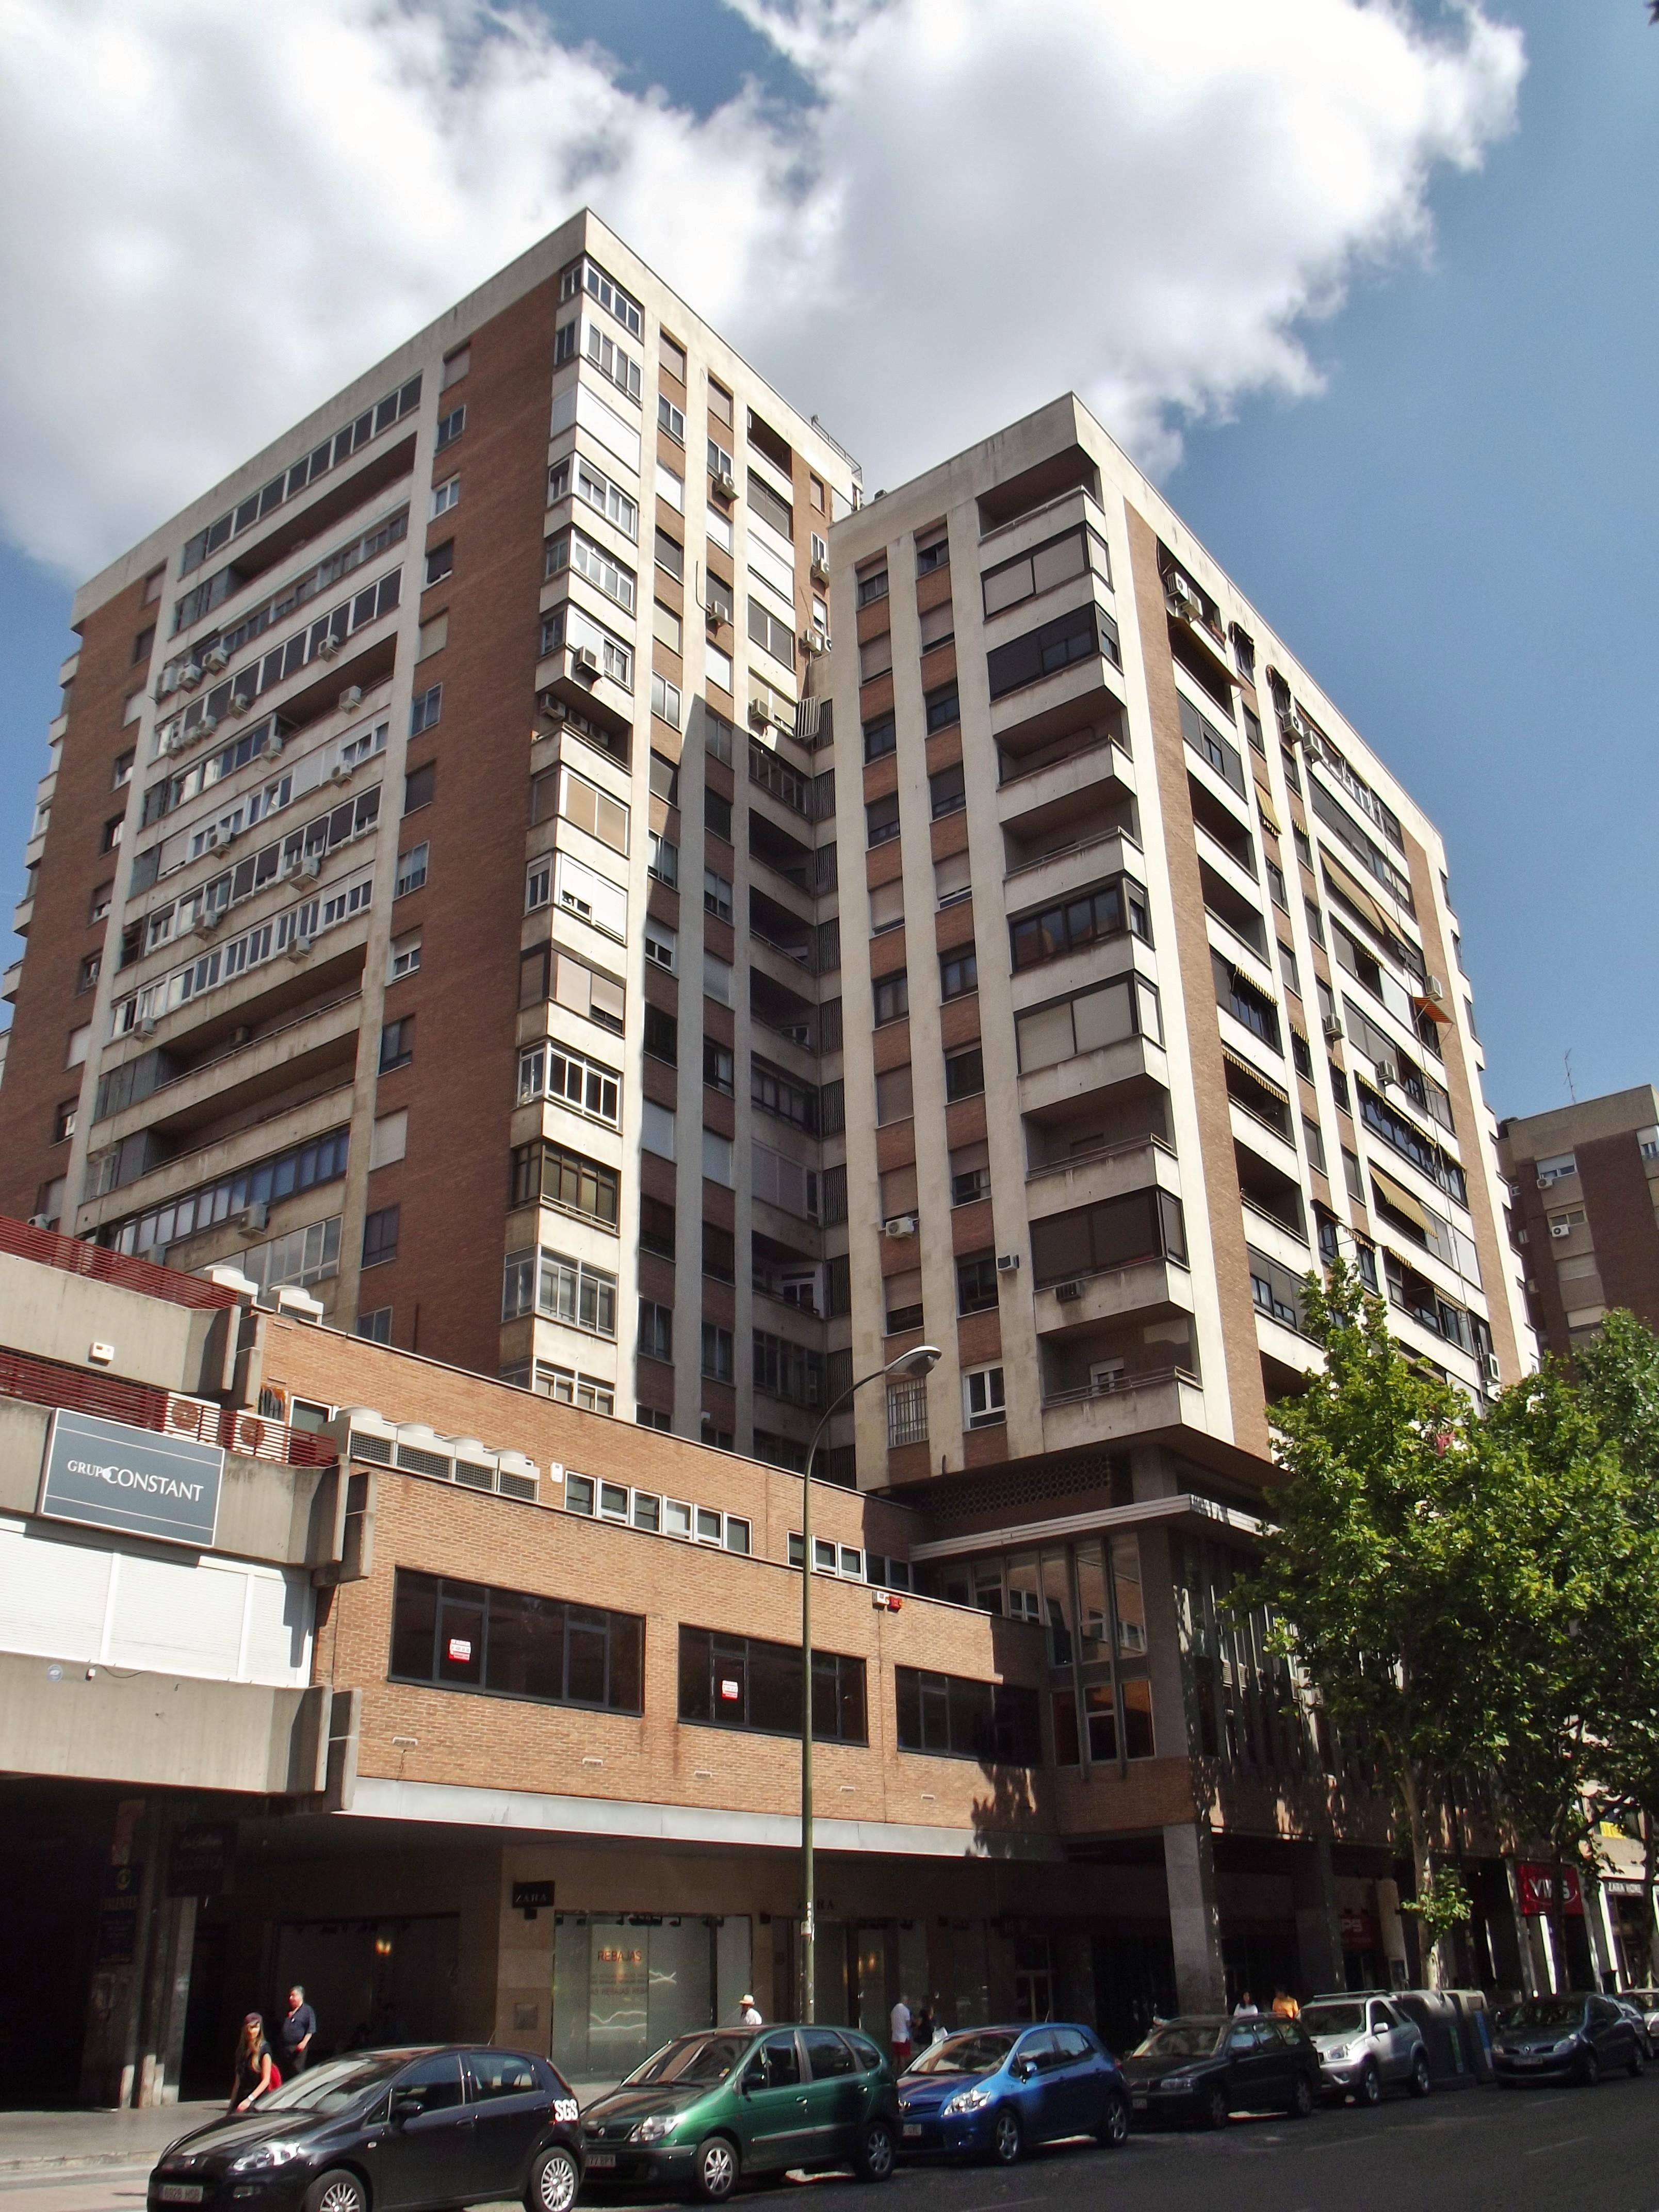 Archivo calle de orense 16 madrid jpg wikipedia la - Hm calle orense ...